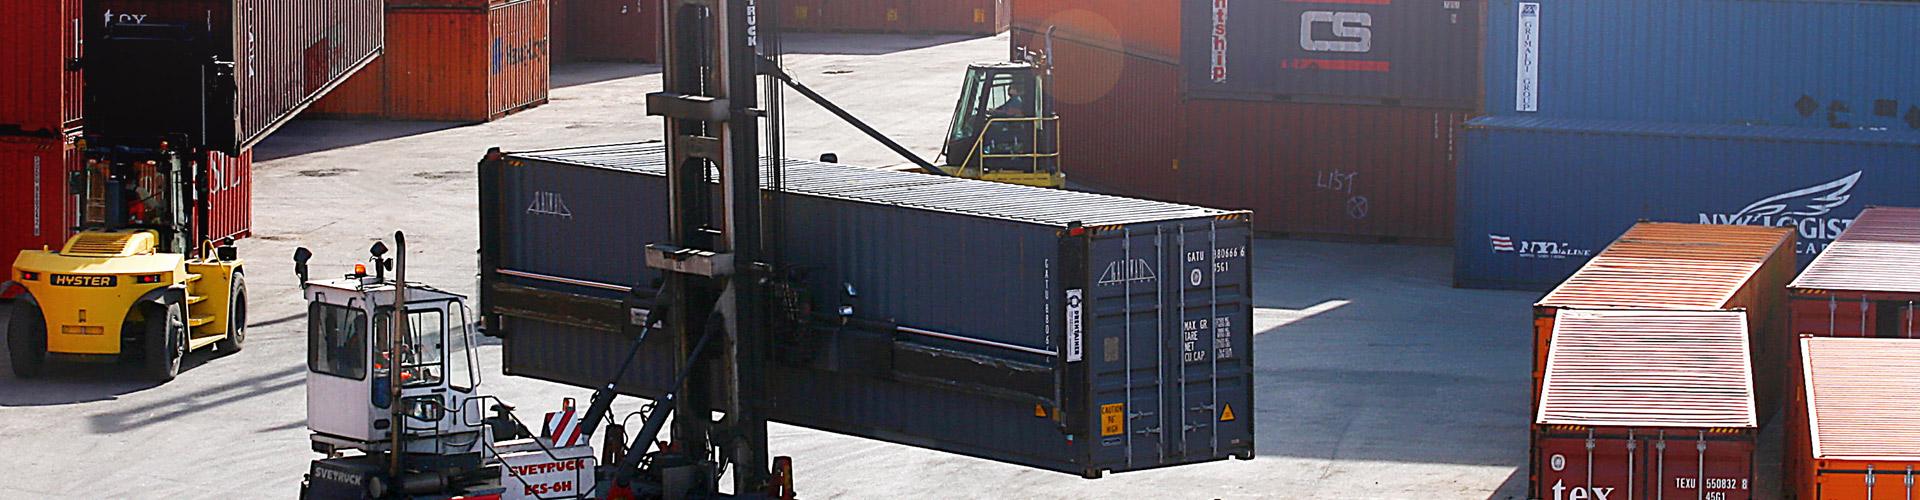 startmotiv_containerhandel2